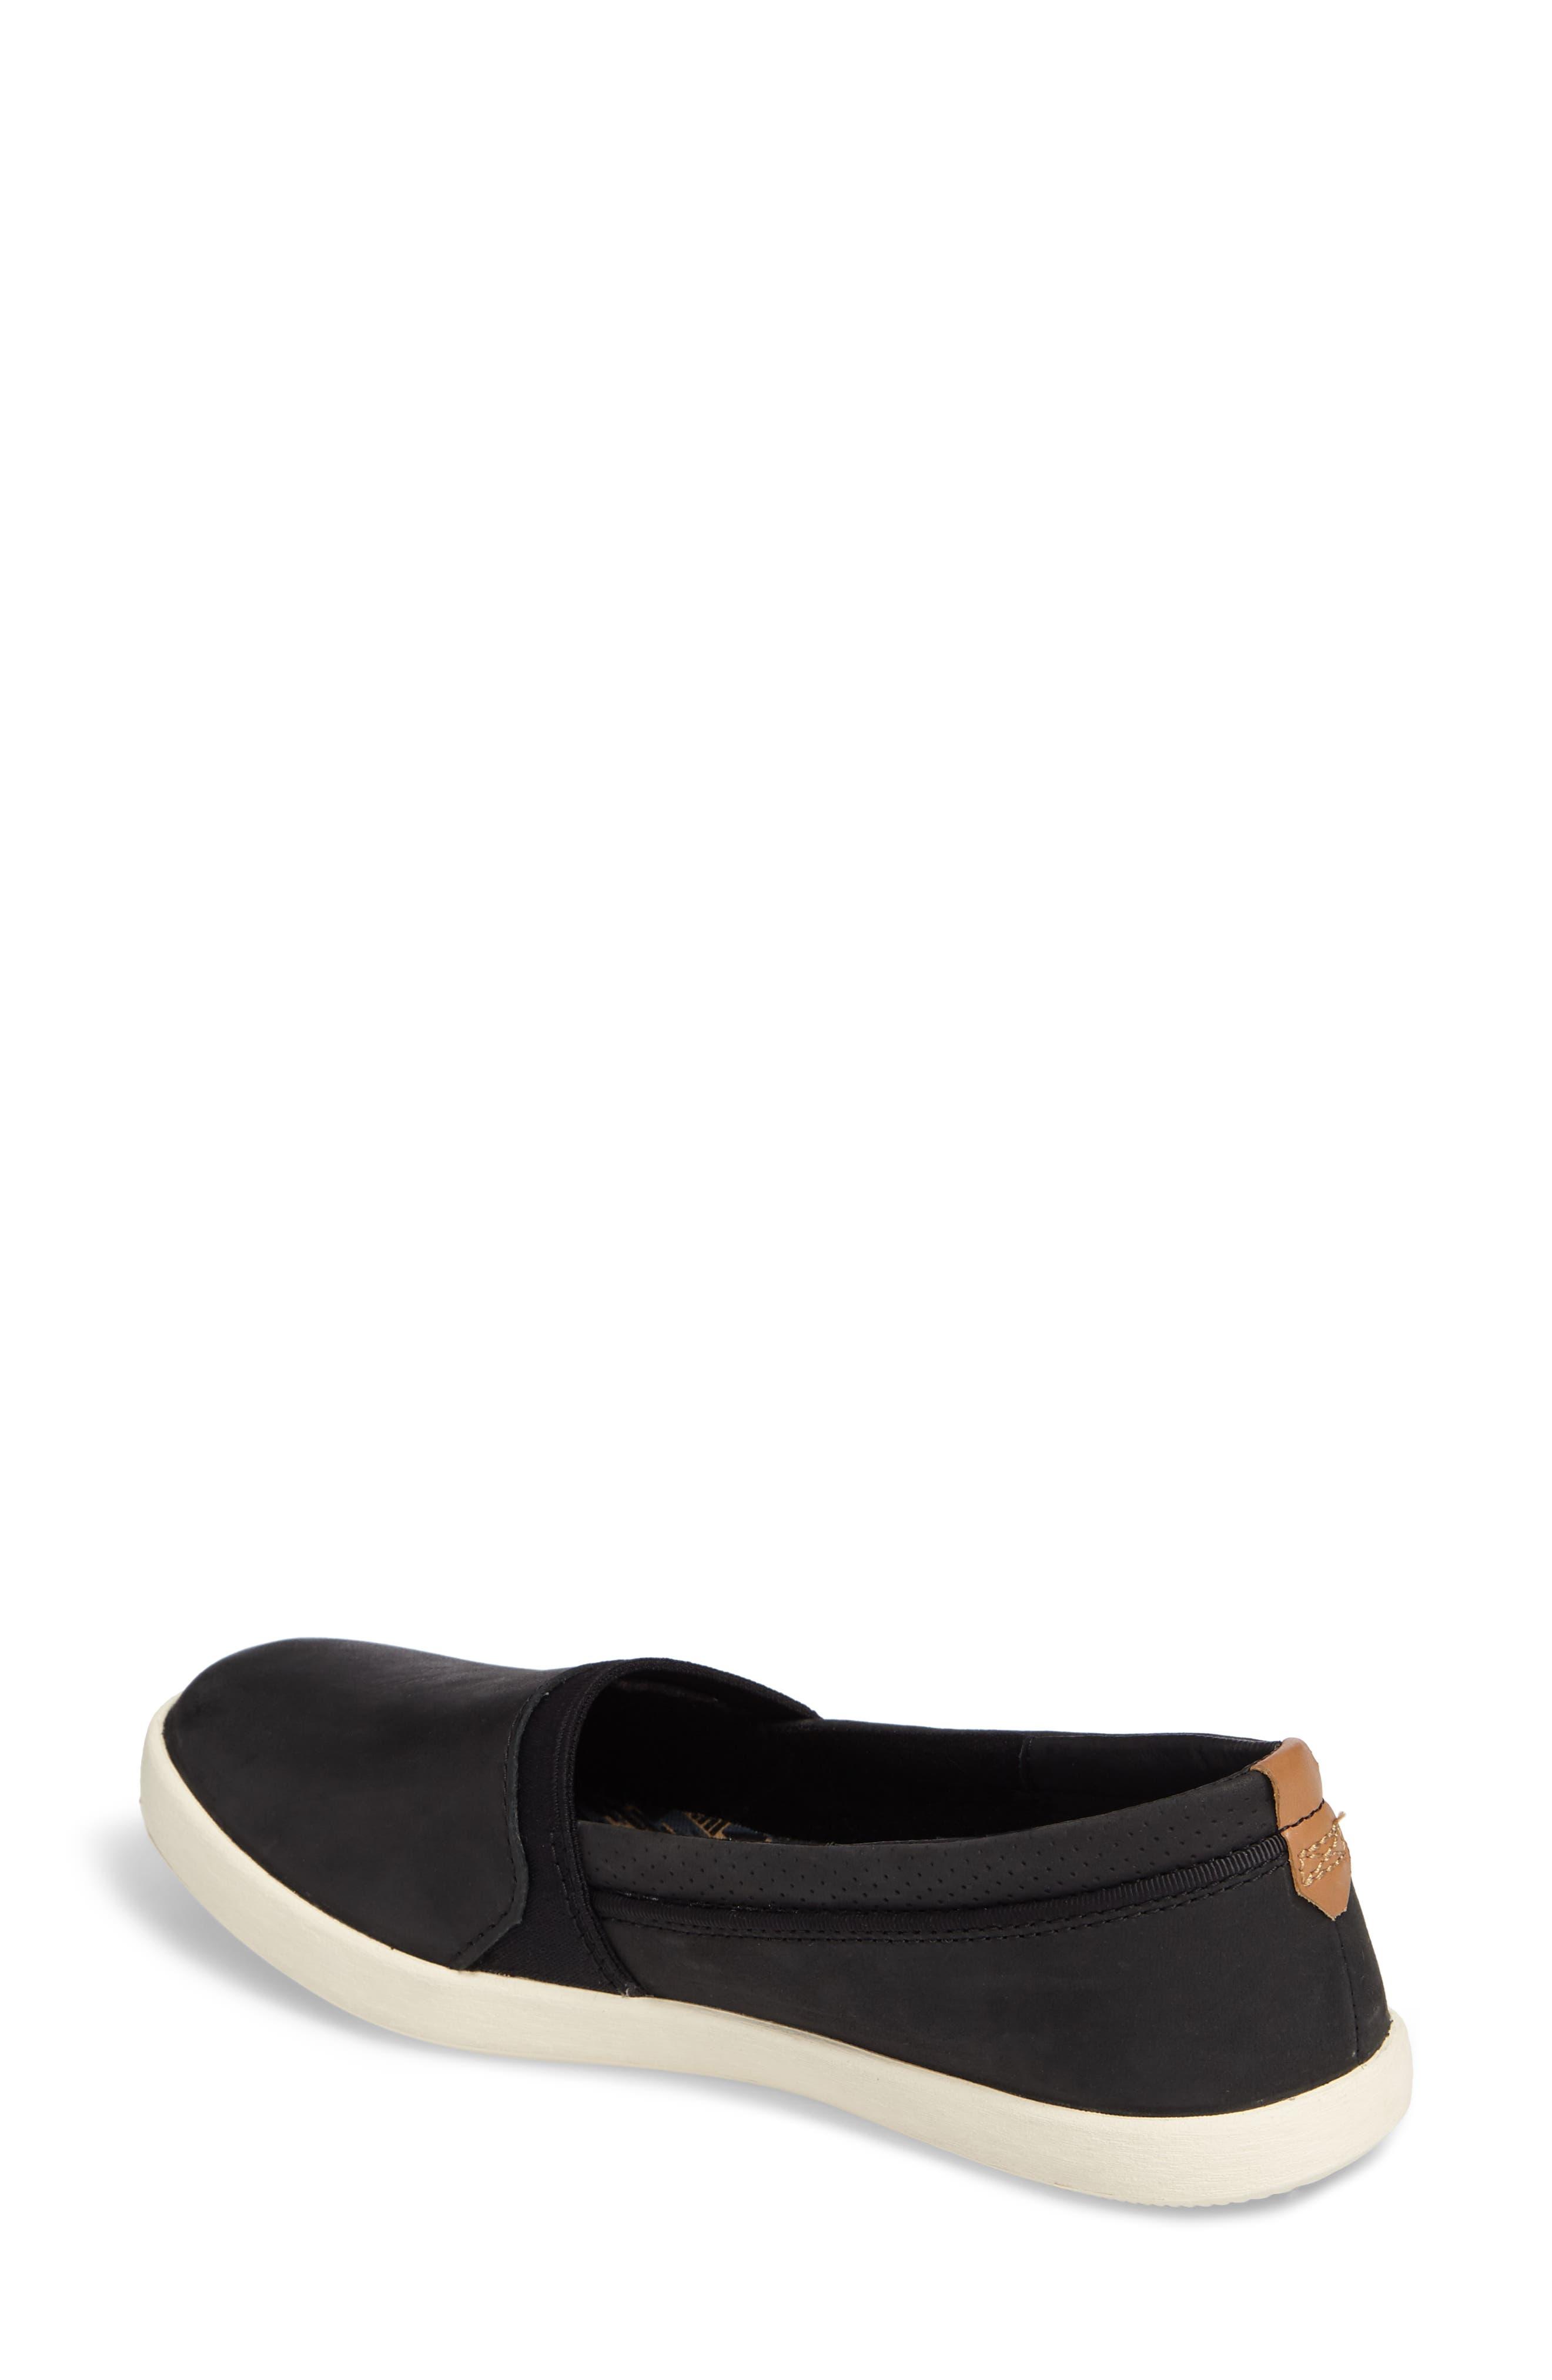 Willow Slip-On Sneaker,                             Alternate thumbnail 2, color,                             001